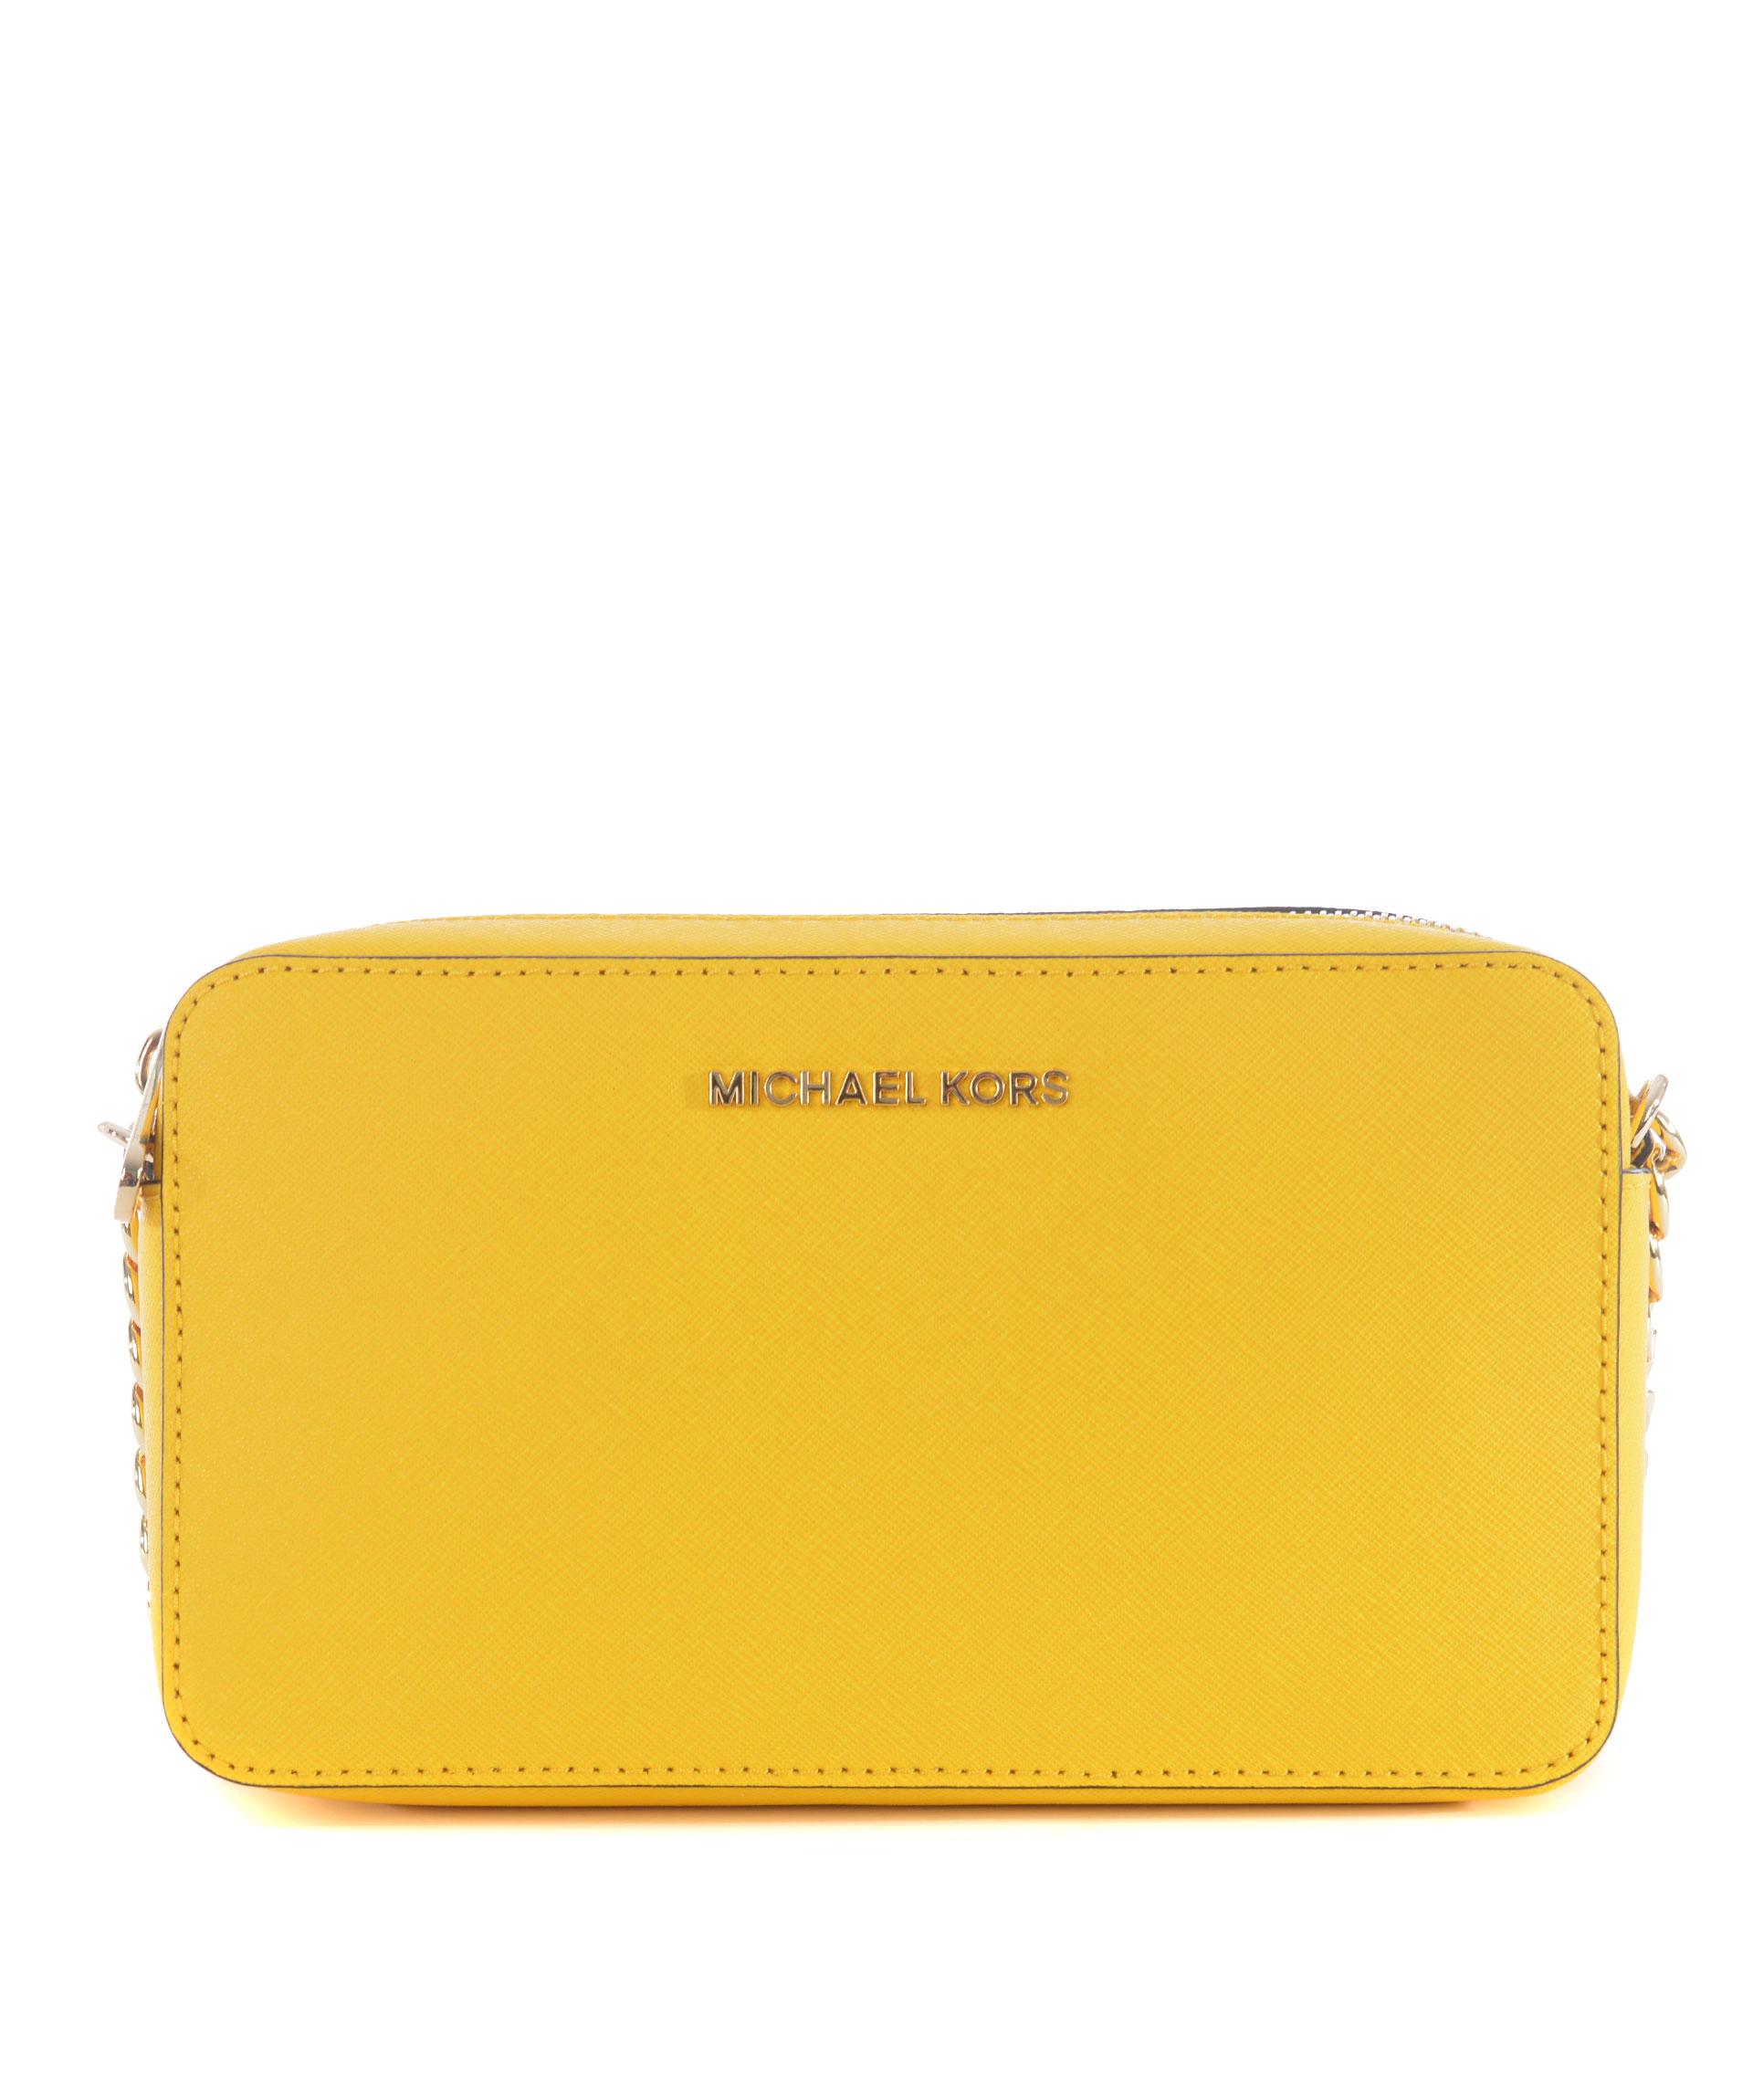 5fe87cf3ec6 Shoulder Bag MICHAEL KORS - MICHAEL KORS - TufanoModa